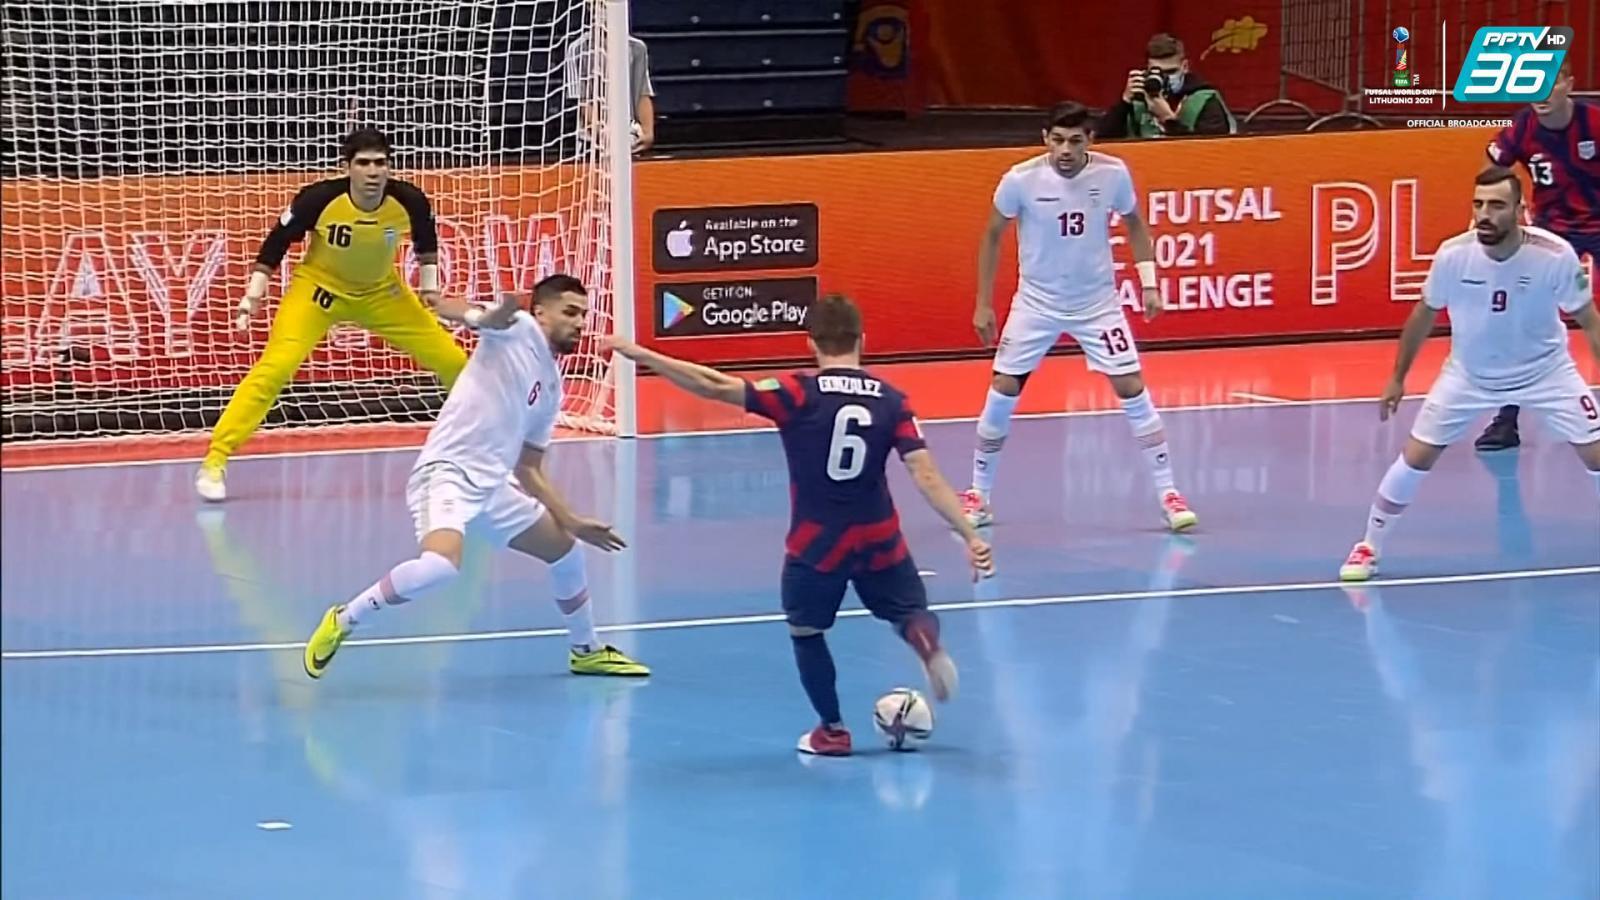 Full Match | ฟีฟ่า ฟุตซอล เวิลด์ คัพ 2021 | อิหร่าน พบ สหรัฐอเมริกา | 17 ก.ย. 64